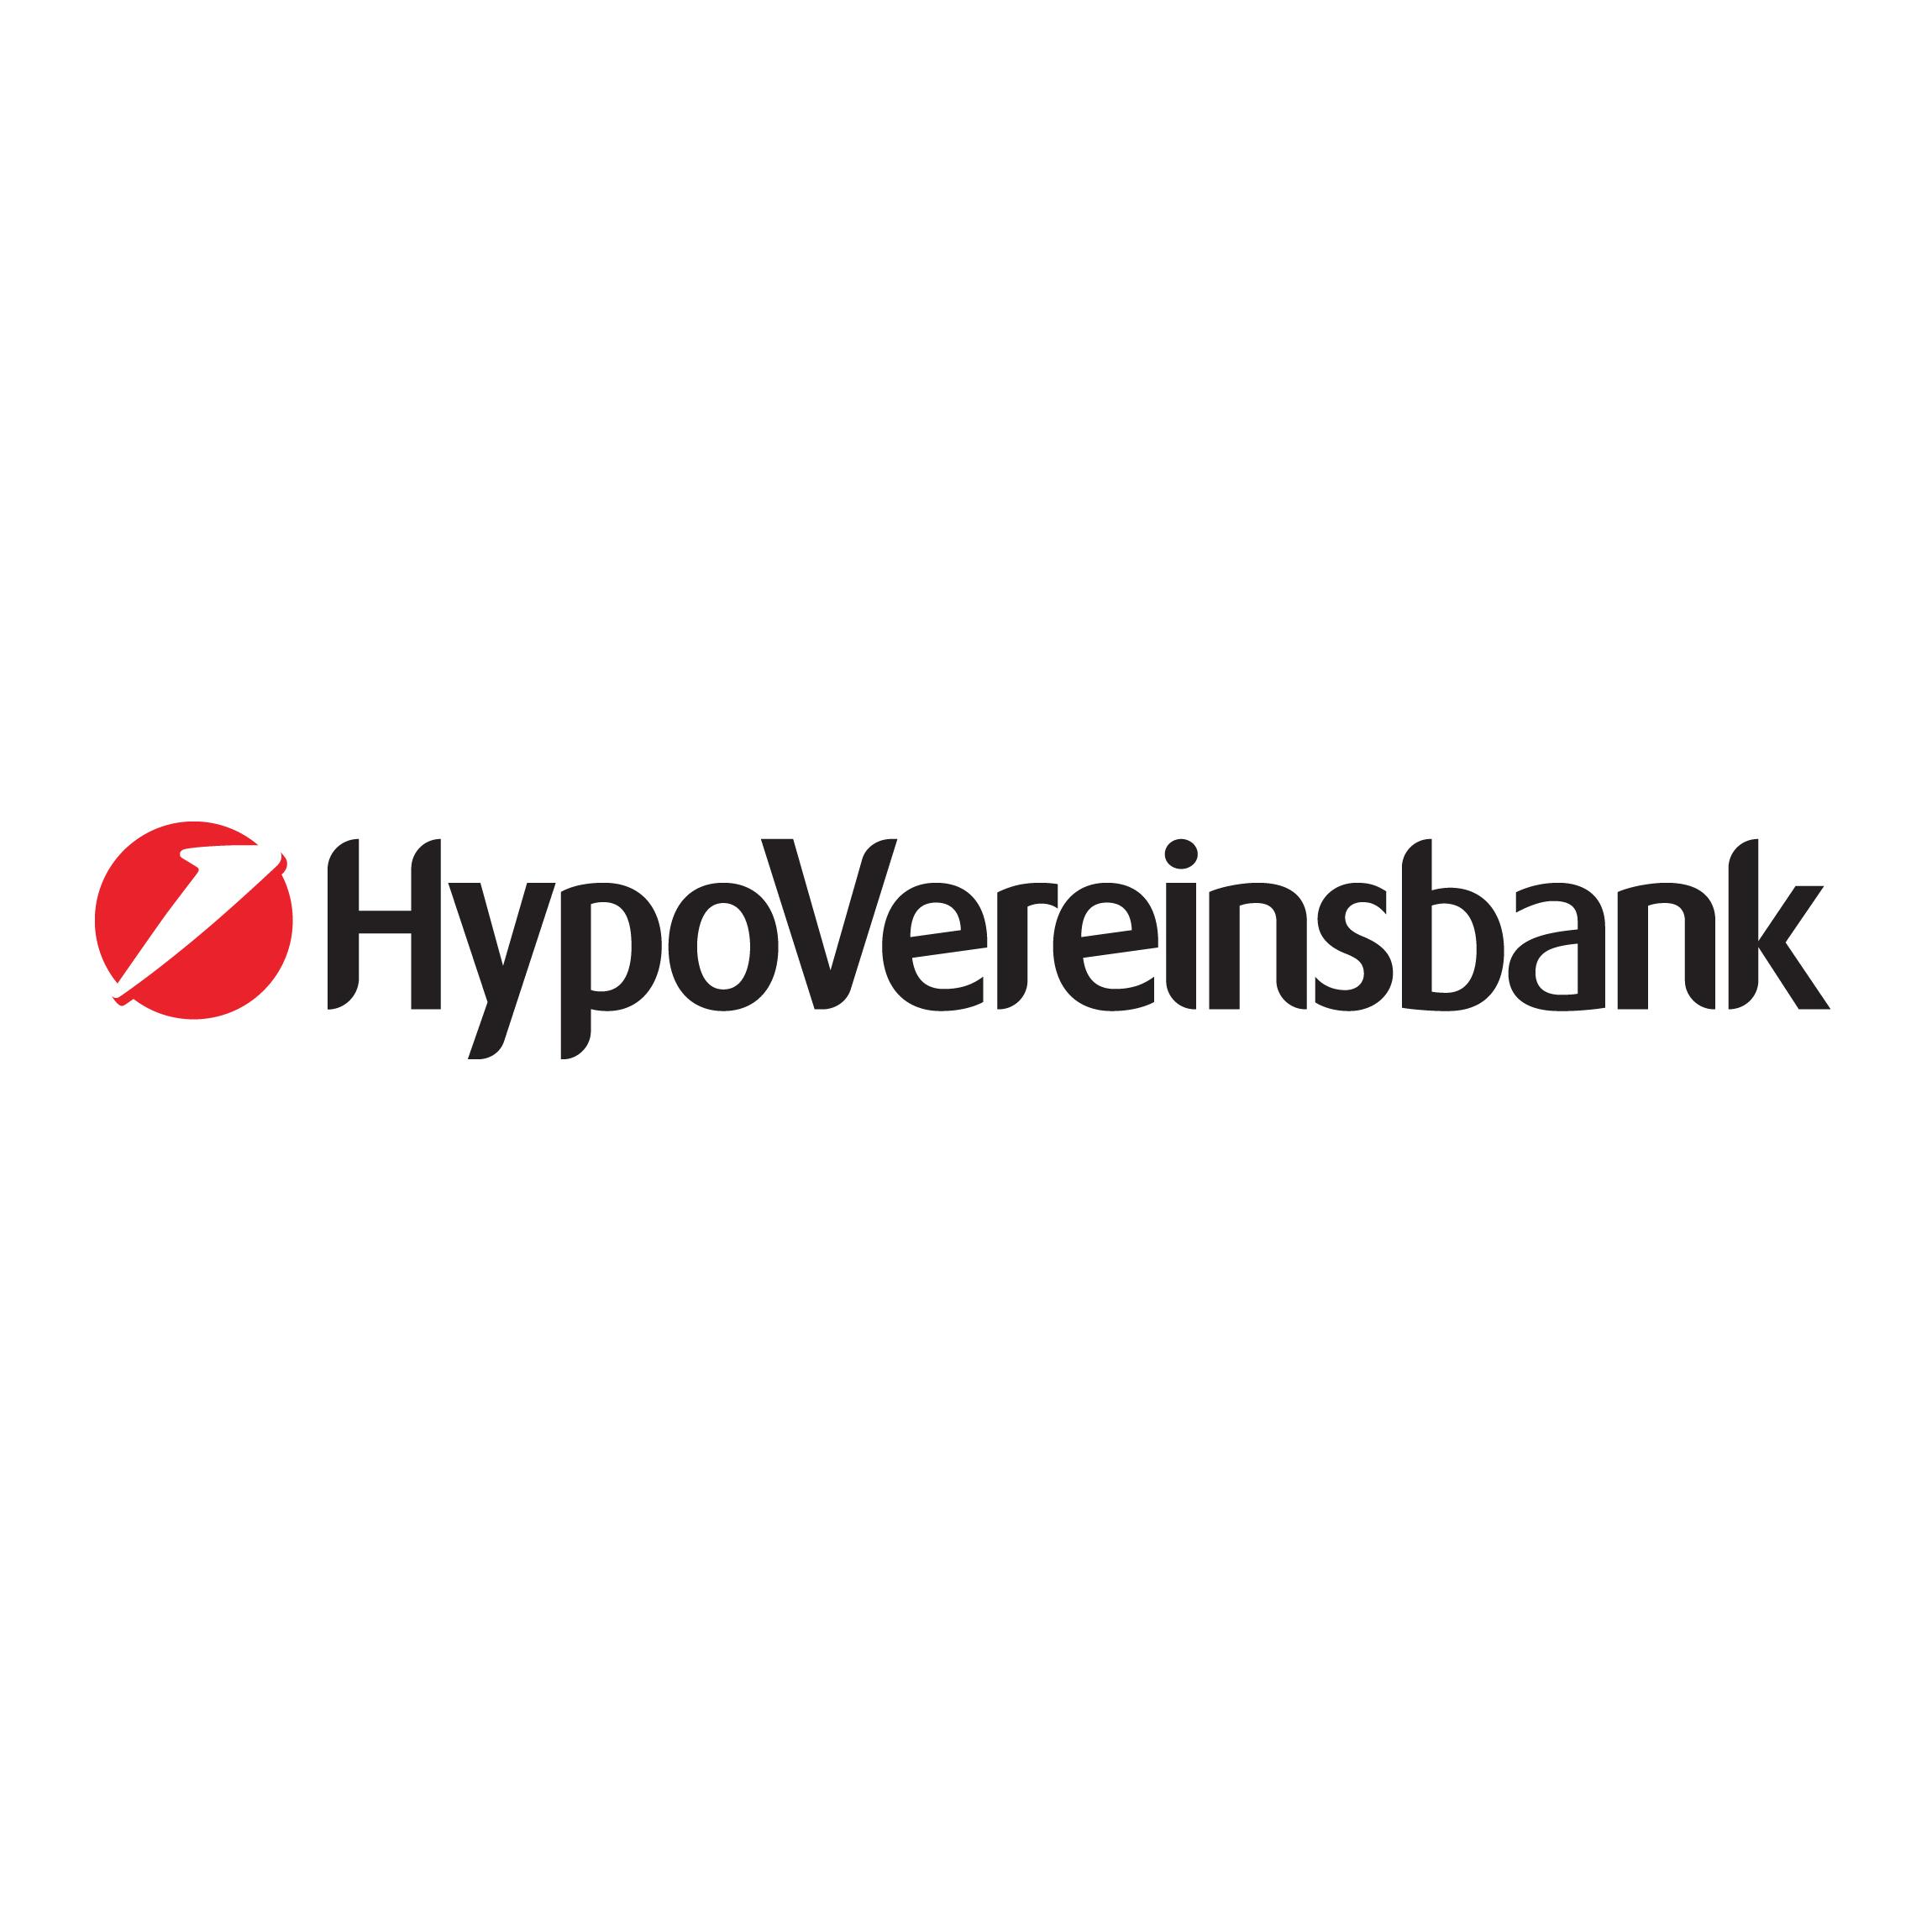 HypoVereinsbank Bad Kreuznach